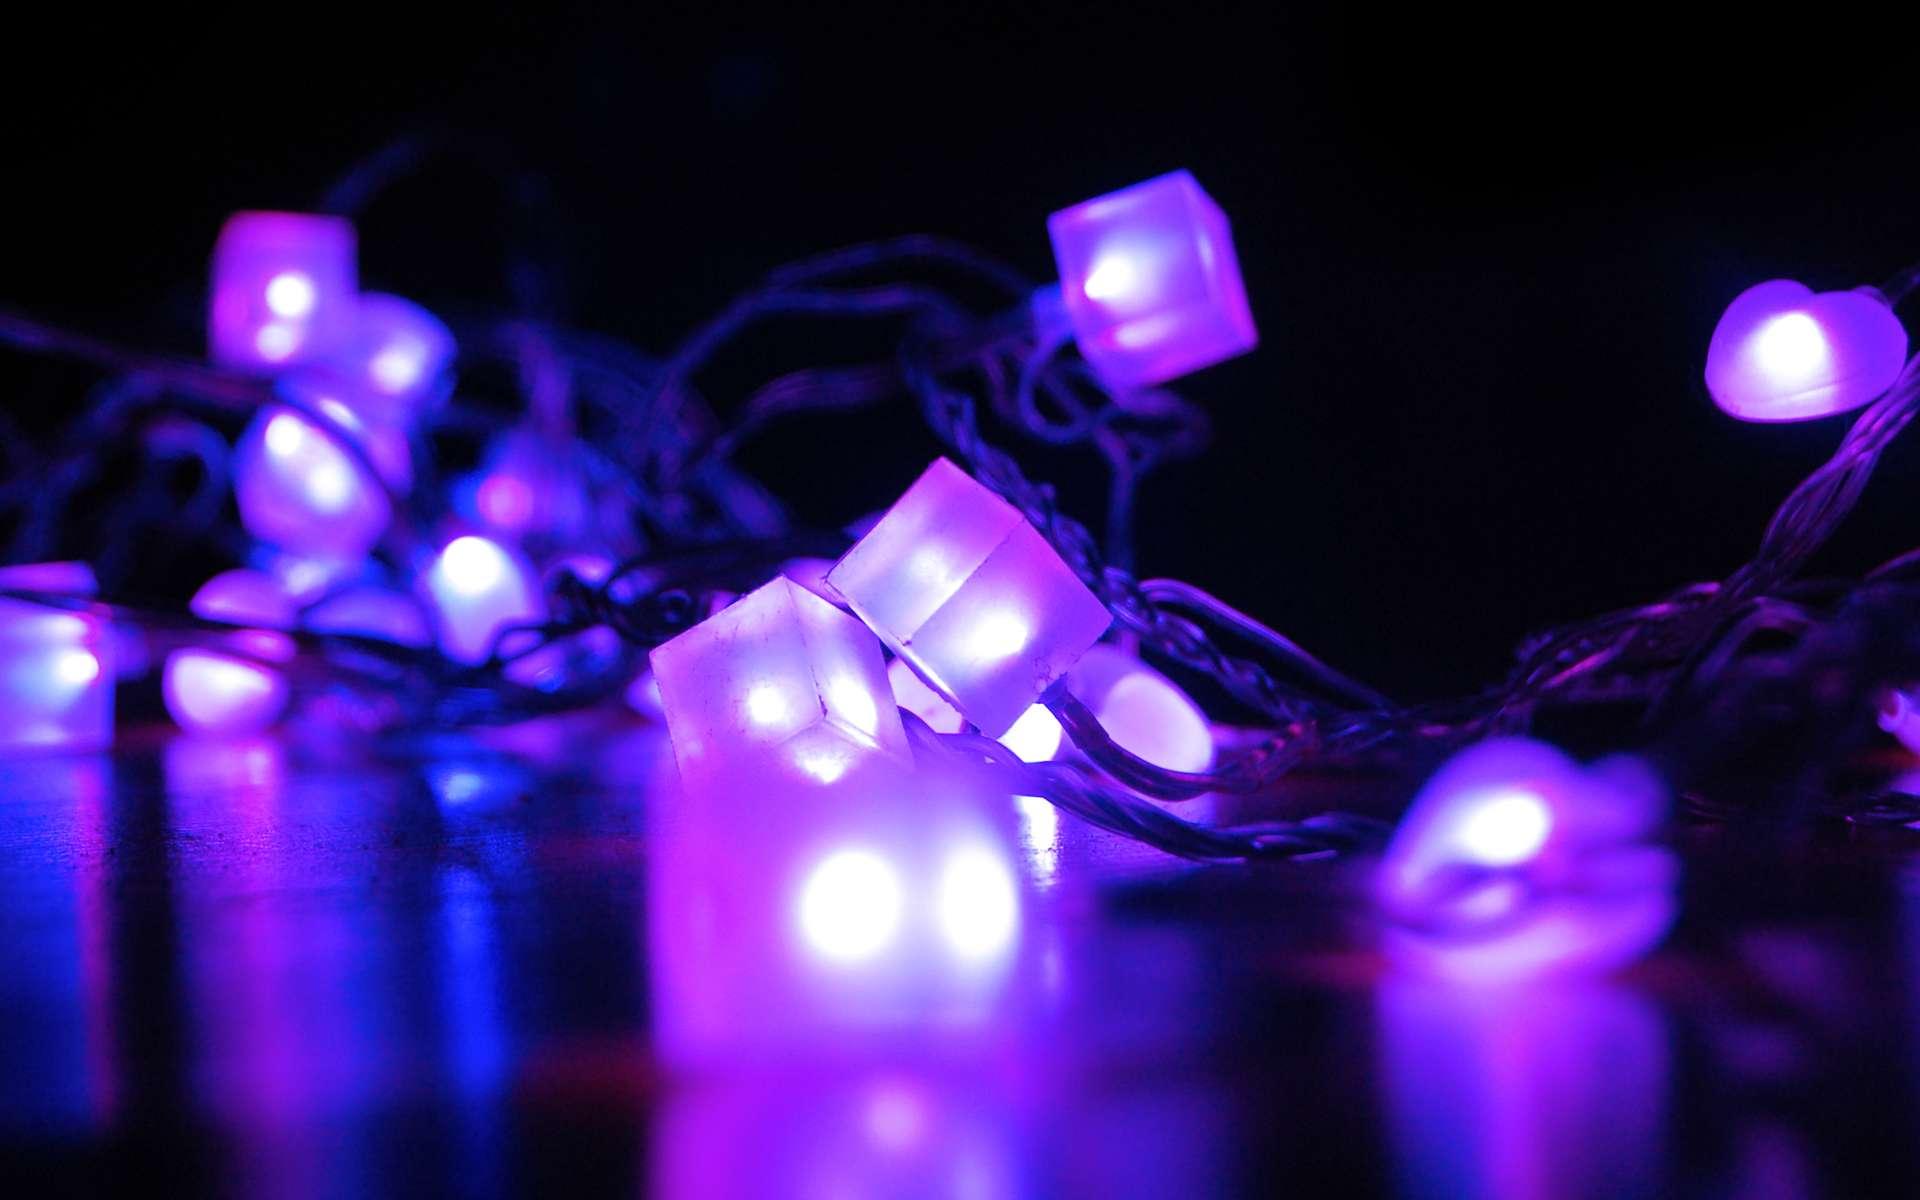 Les diodes électroluminescentes font partie de notre quotidien, entre autres du fait de leur rendement énergétique intéressant. © Russel McGovern, Flickr, CC by-nc-nd 2.0